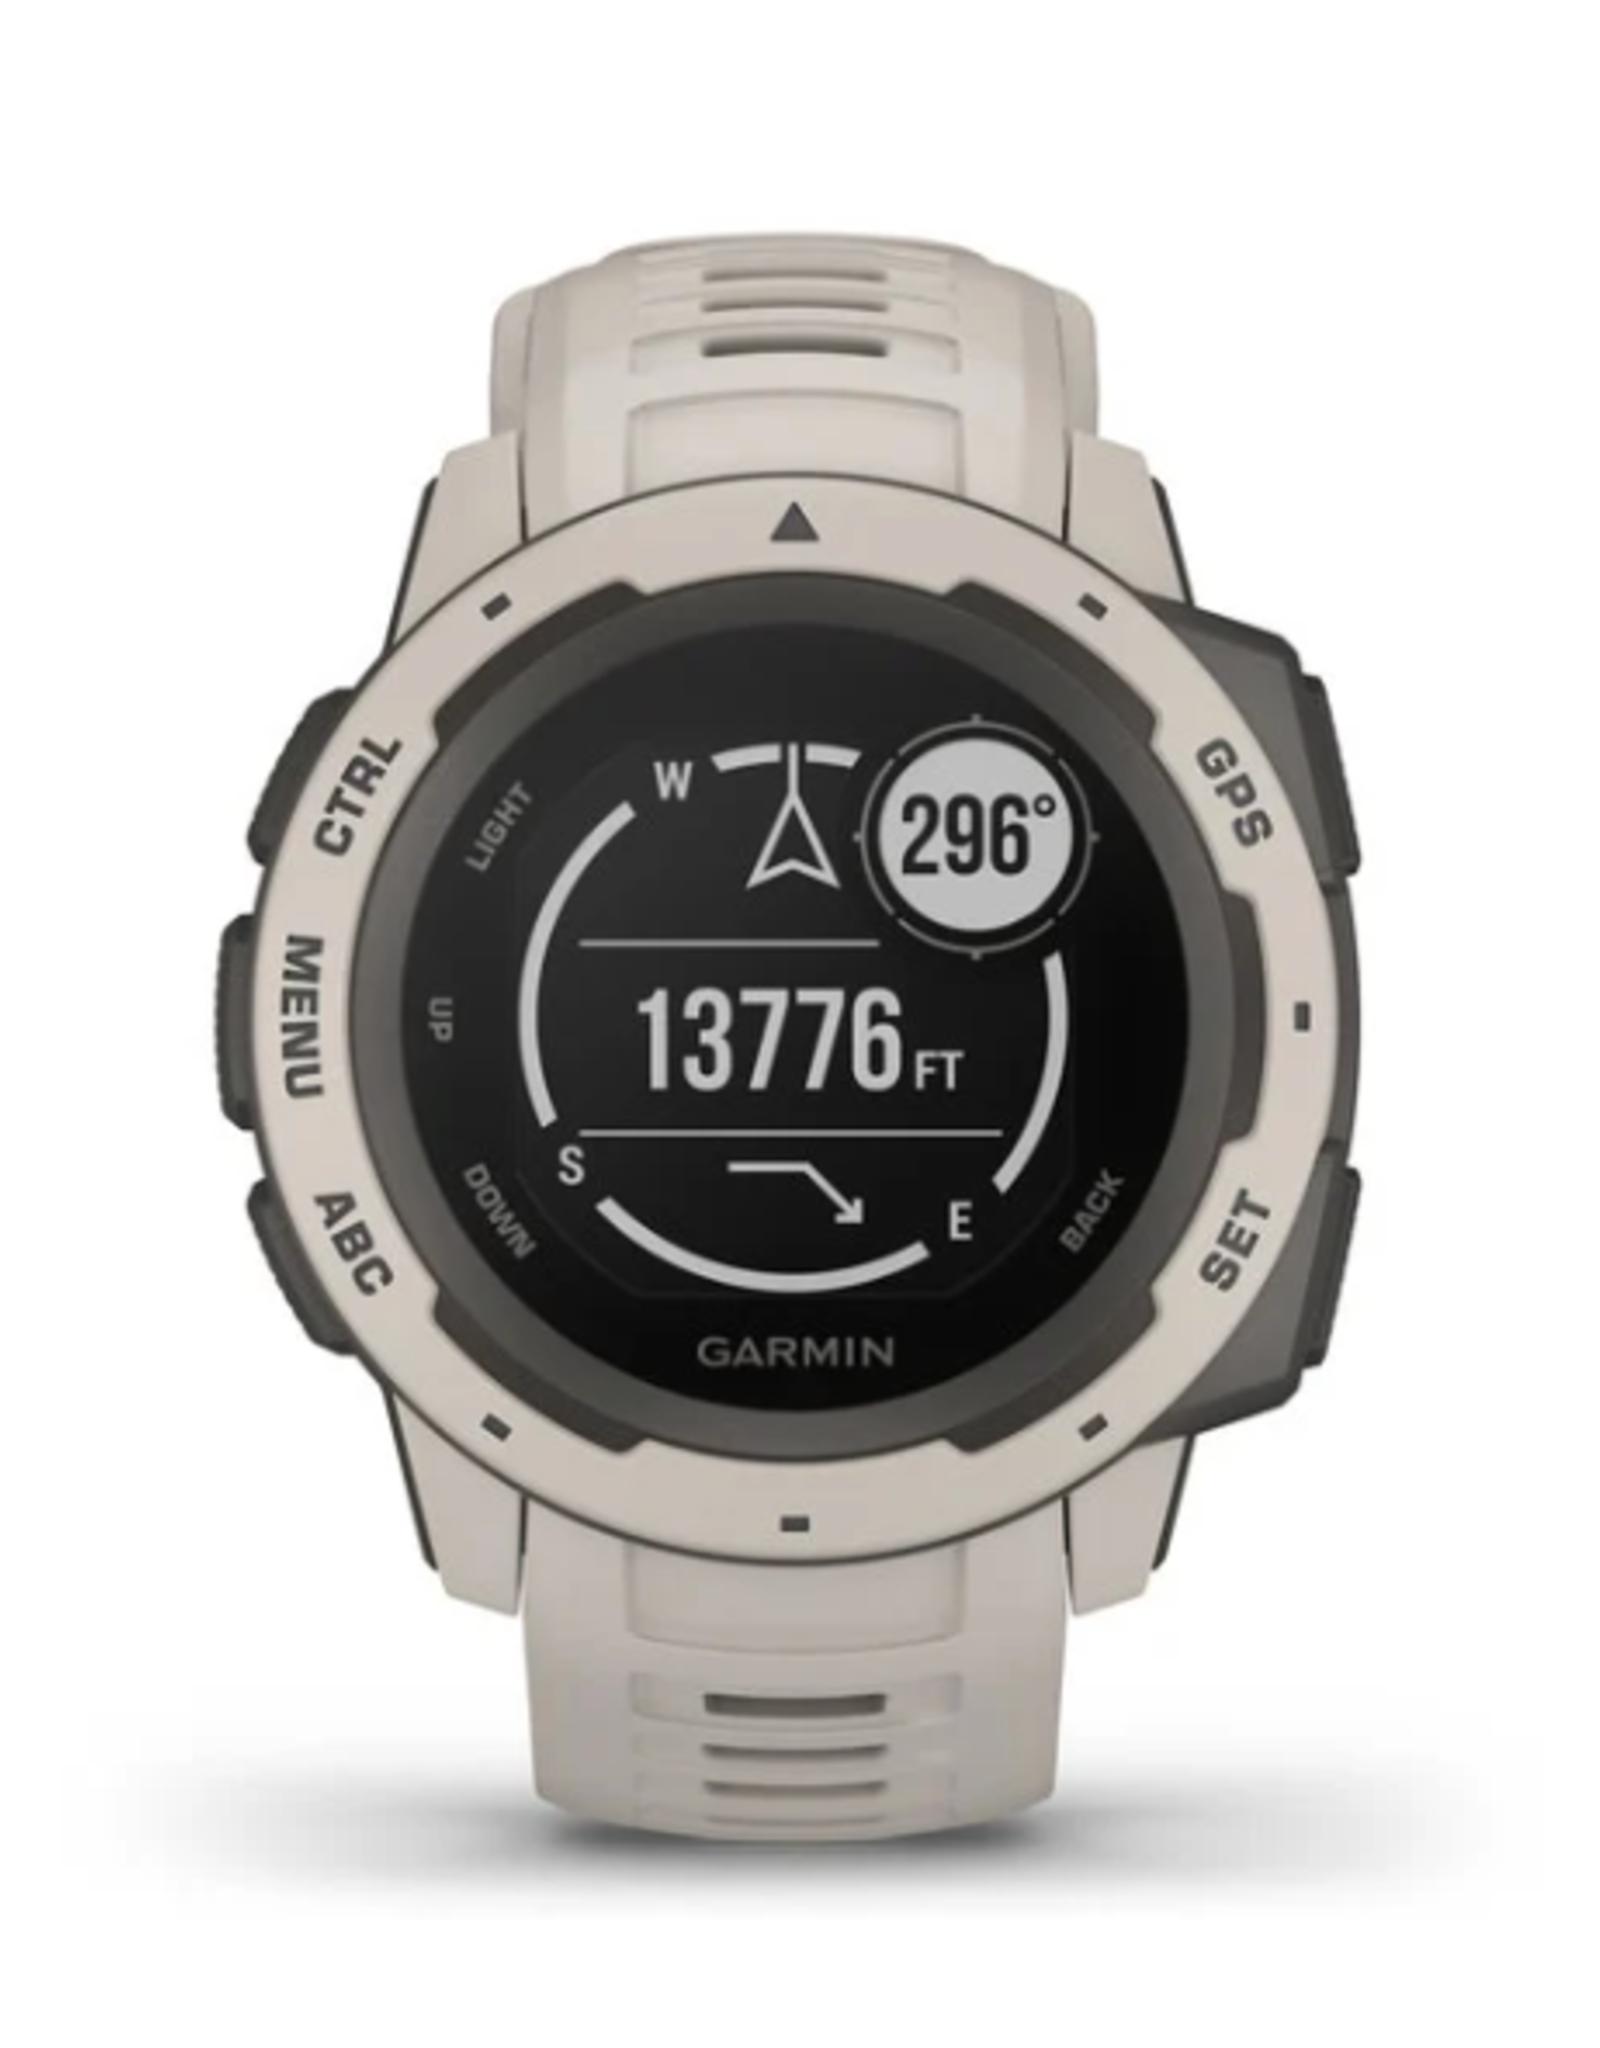 Garmin 010-2064 Instinct GPS Watch TUNDRA